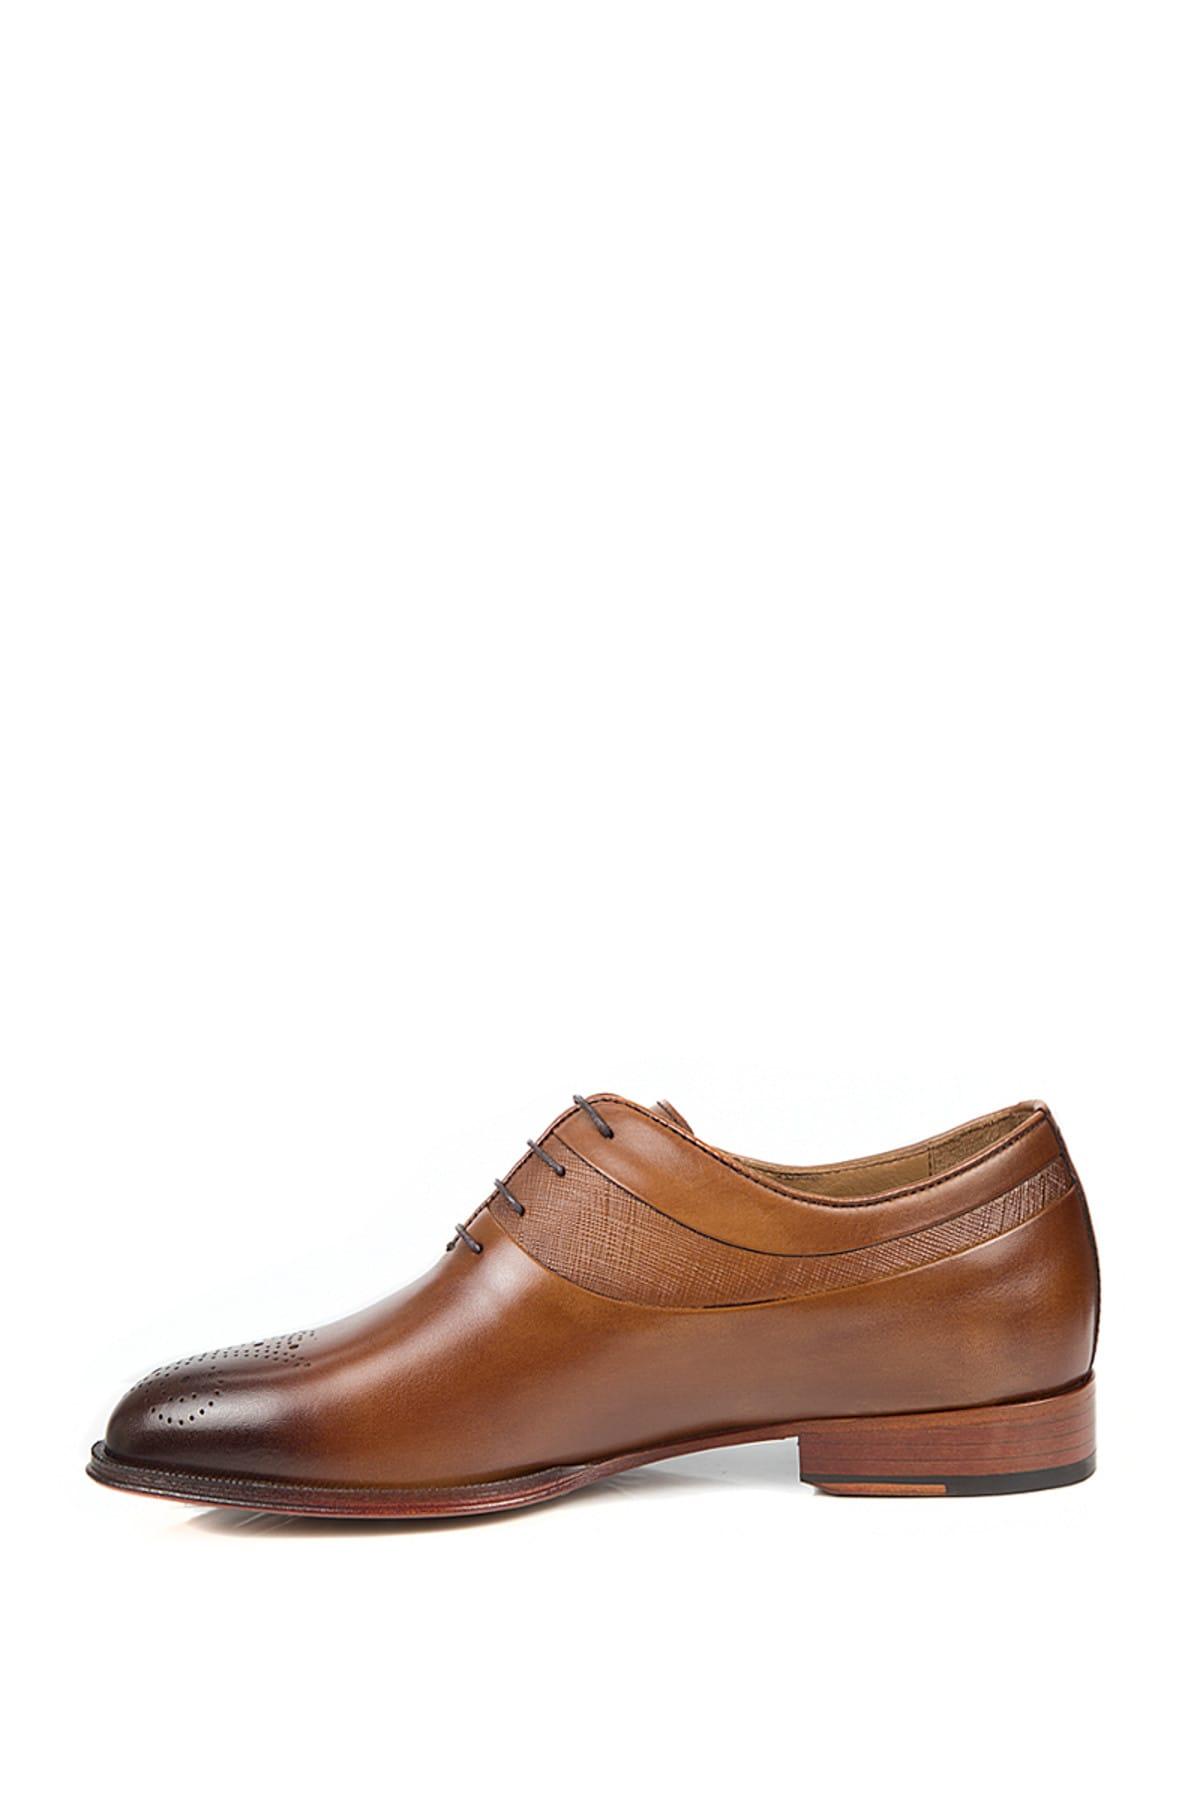 Damat Erkek  Taba Ayakkabı 2DF097780225_J01 2